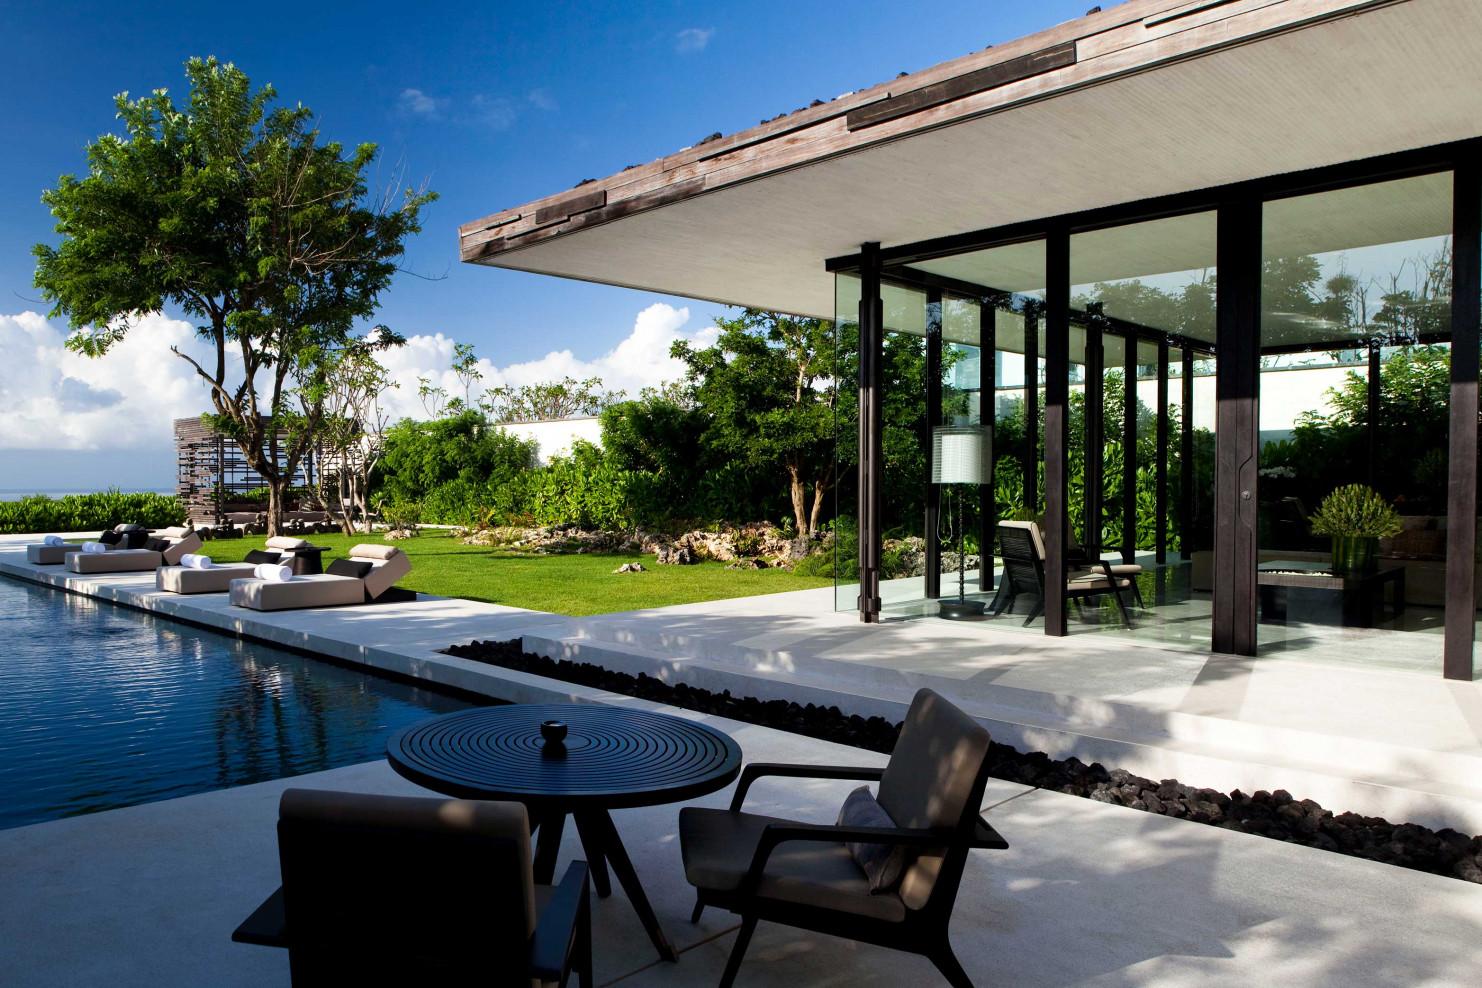 The Best Luxury Villas Handpicked Private Rentals Mr Mrs Smith